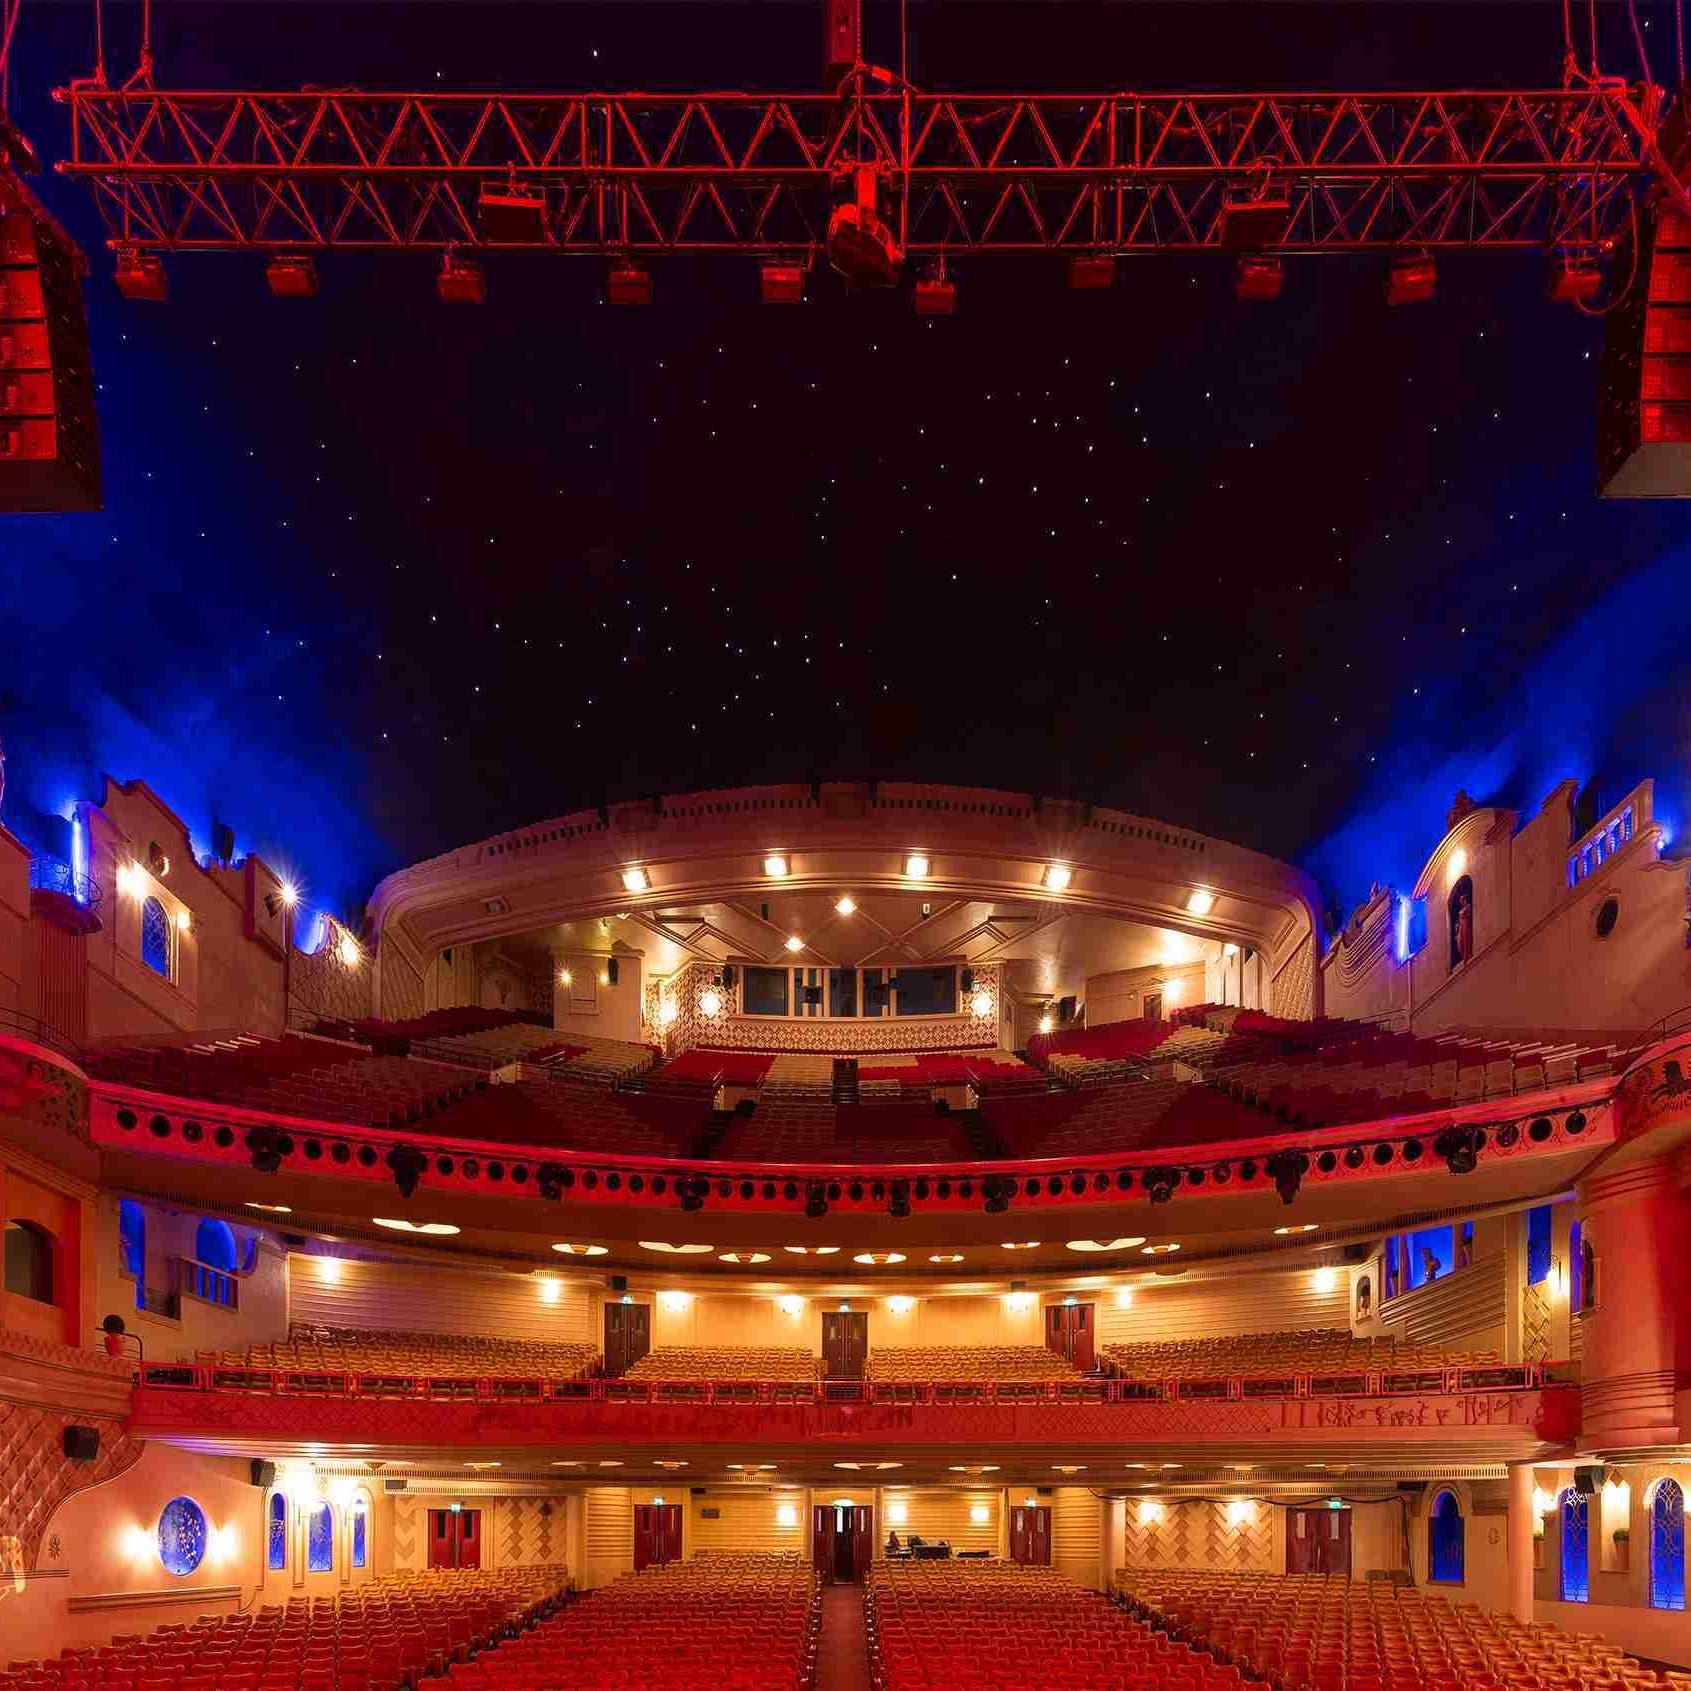 بالصور.. أكبر صالة سينما في العالم تستعد لفتح أبوابها